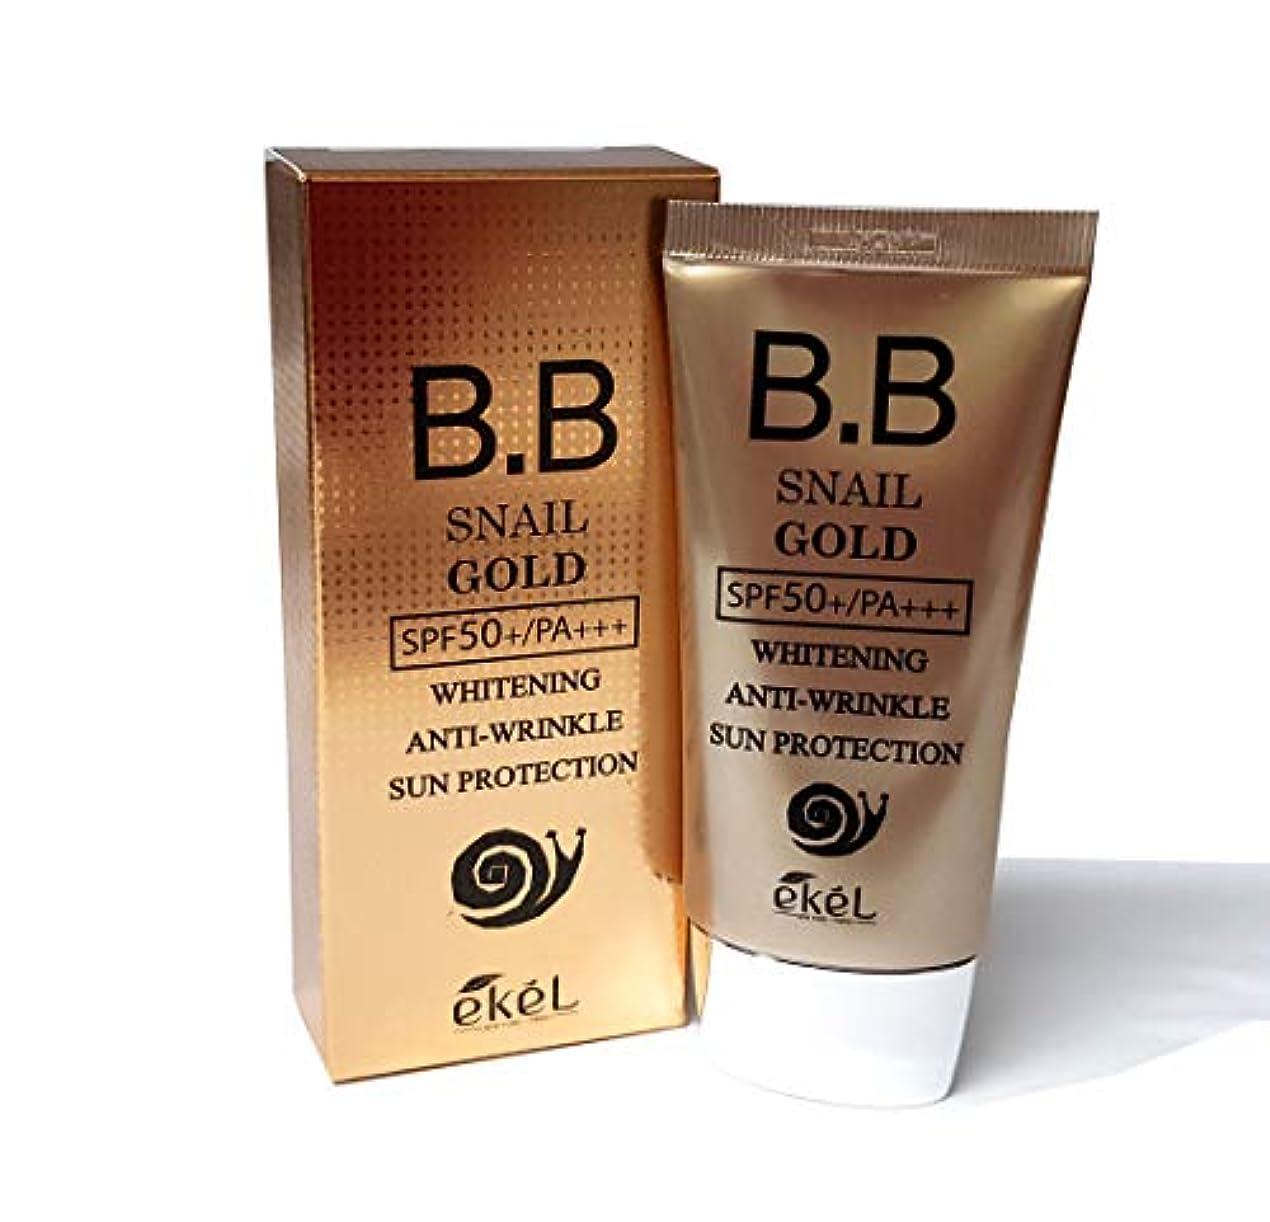 持続的意図計算可能[Ekel] カタツムリゴールドBB 50ml SPF50 + PA +++ / Snail Gold BB 50ml SPF50+PA+++ /ホワイトニング、UVカット/Whitening,UV protection...